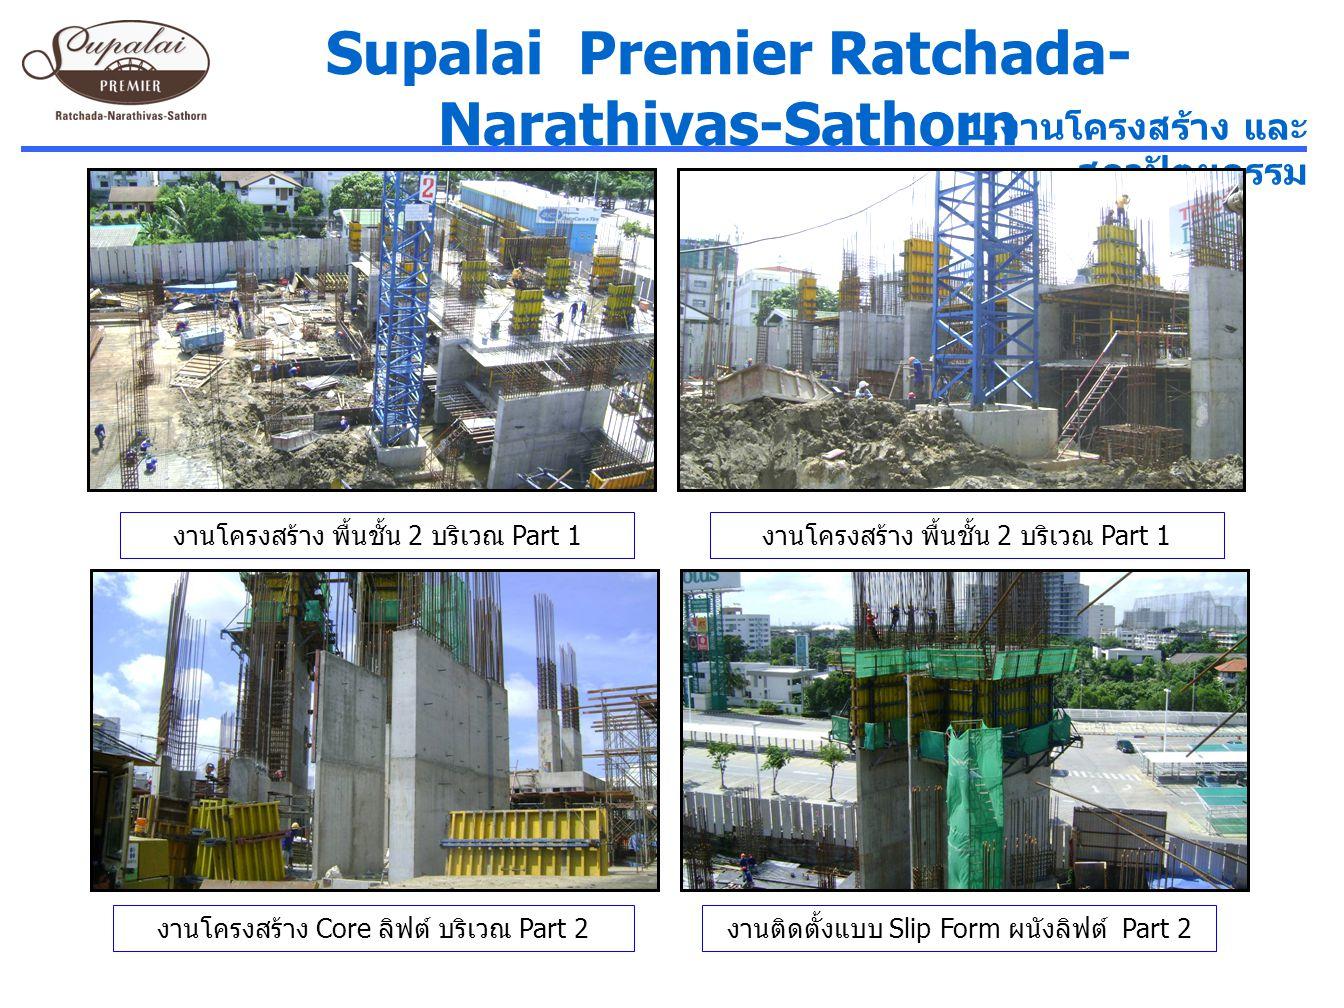 งานติดตั้งแบบ Slip Form ผนังลิฟต์ Part 2 Supalai Premier Ratchada- Narathivas-Sathorn งานโครงสร้าง Core ลิฟต์ บริเวณ Part 2 1. งานโครงสร้าง และ สถาปัต